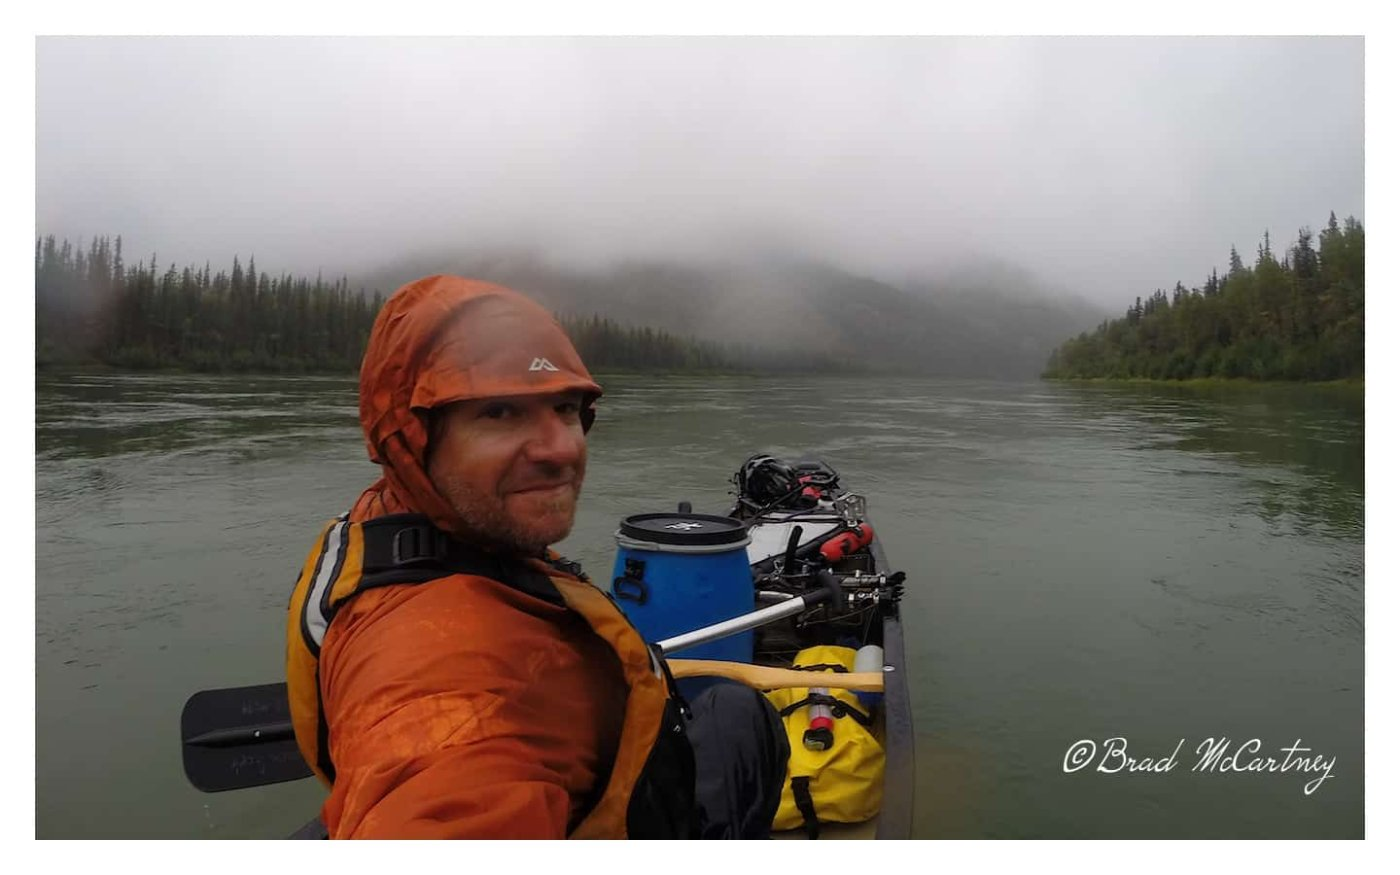 overcast and rainy yukon river